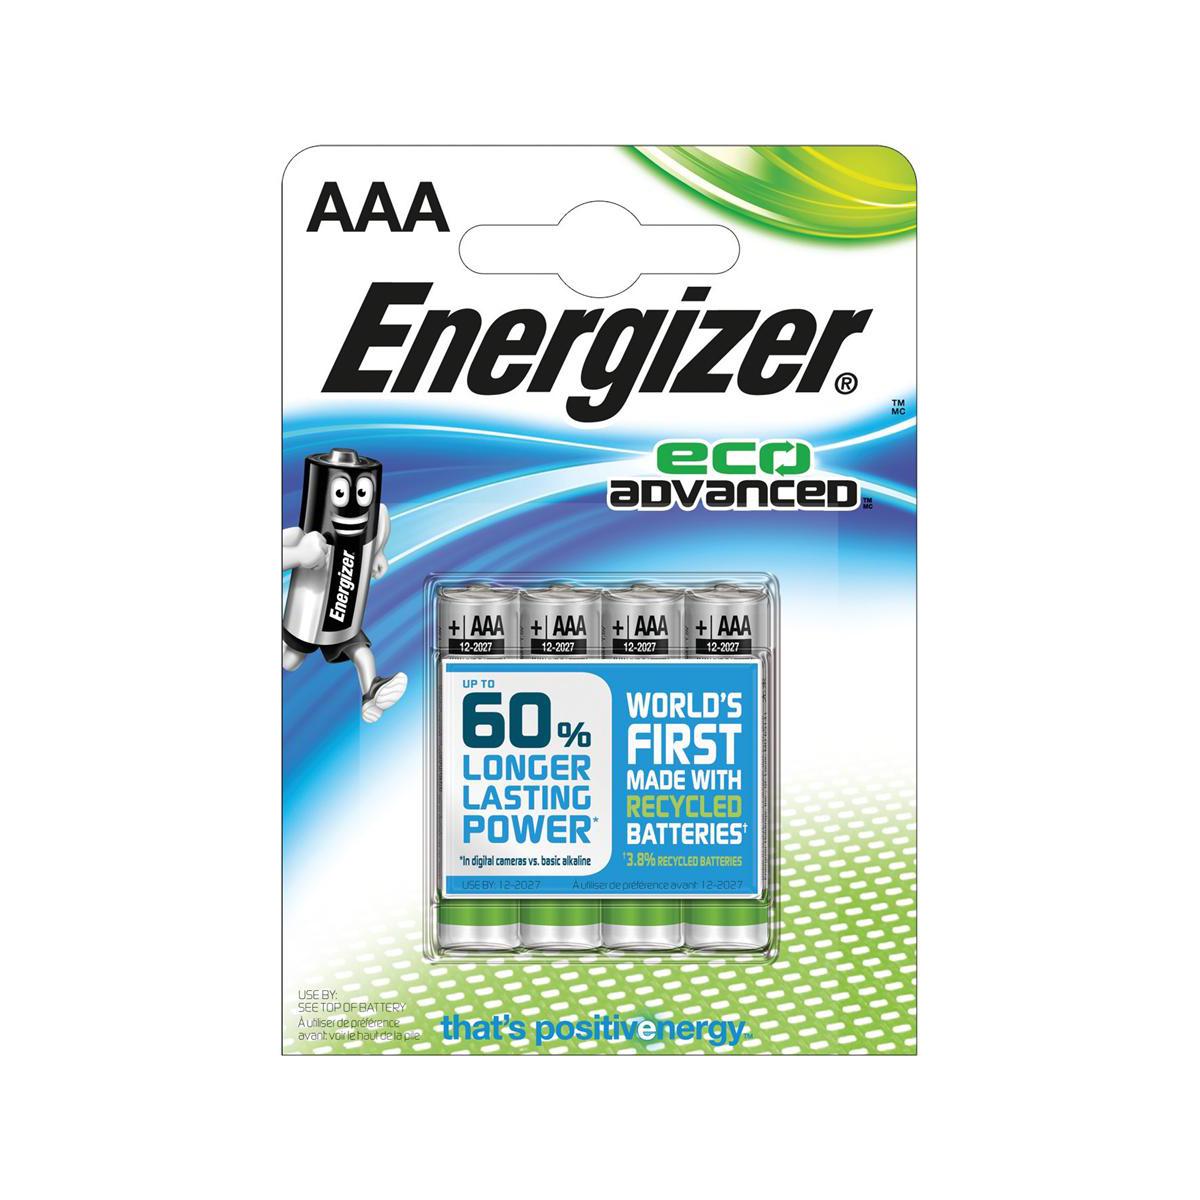 Energizer Eco Advance Batteries AAA / E92 Ref E300128100 [Pack 4]